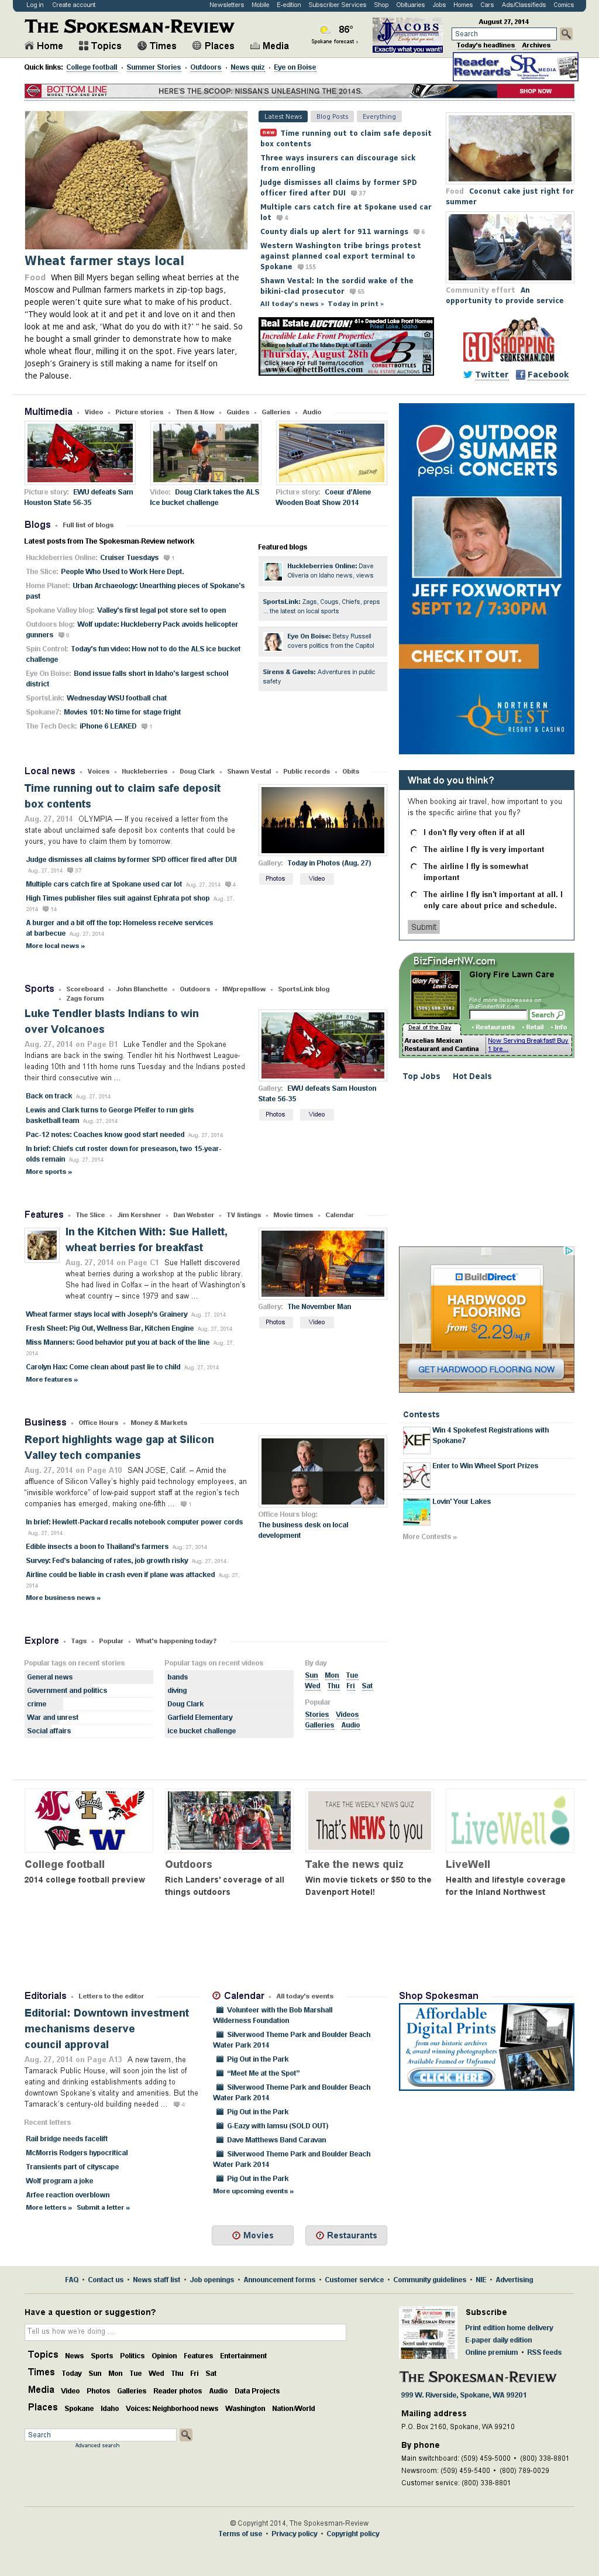 The (Spokane) Spokesman-Review at Wednesday Aug. 27, 2014, 10:17 p.m. UTC